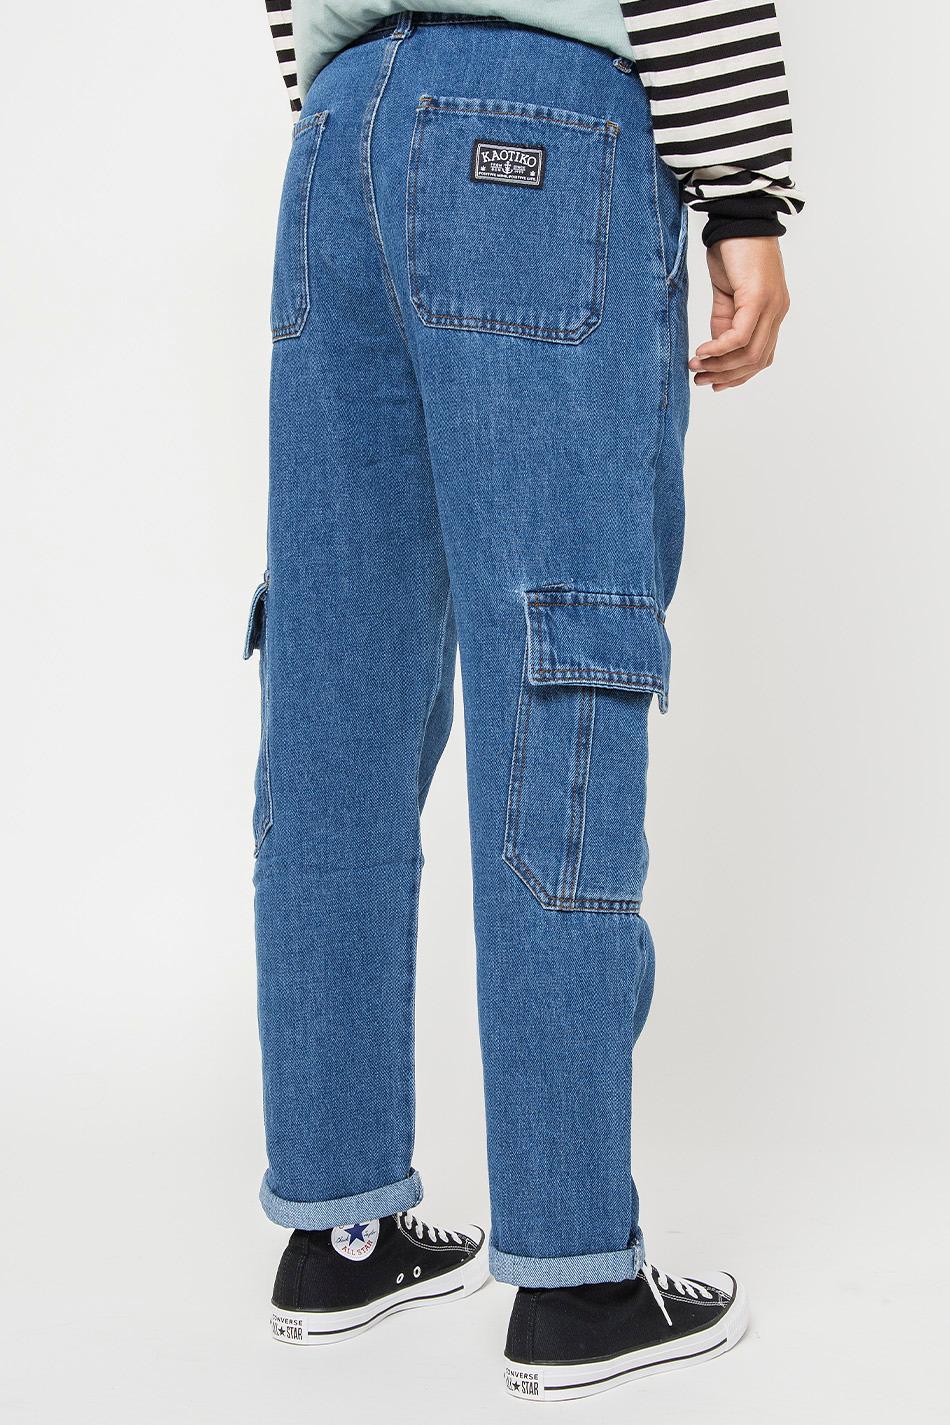 New York Denim Trouser